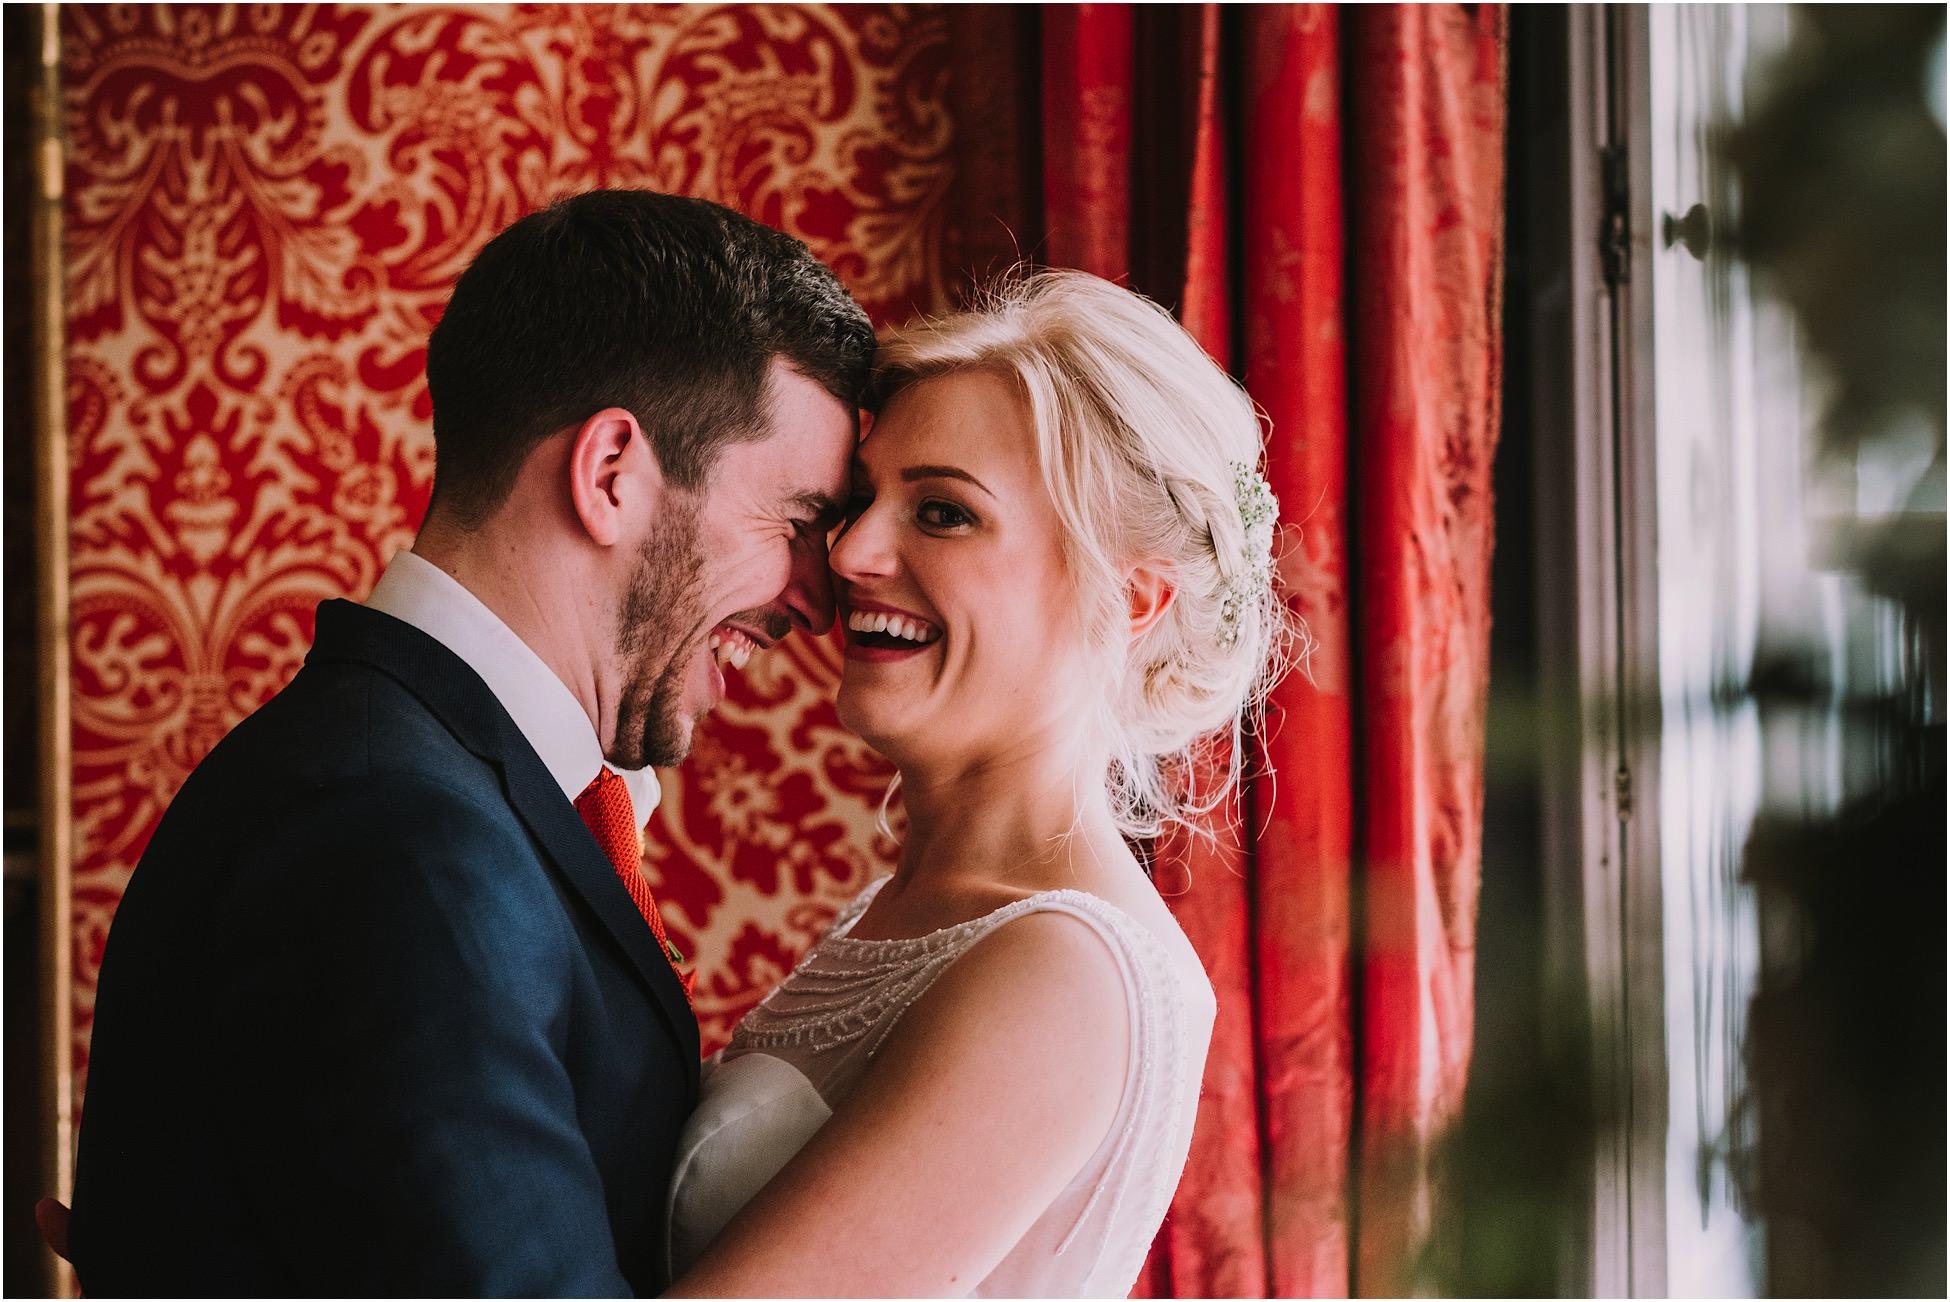 The Hall at Marthall wedding photography – Anna and Tom